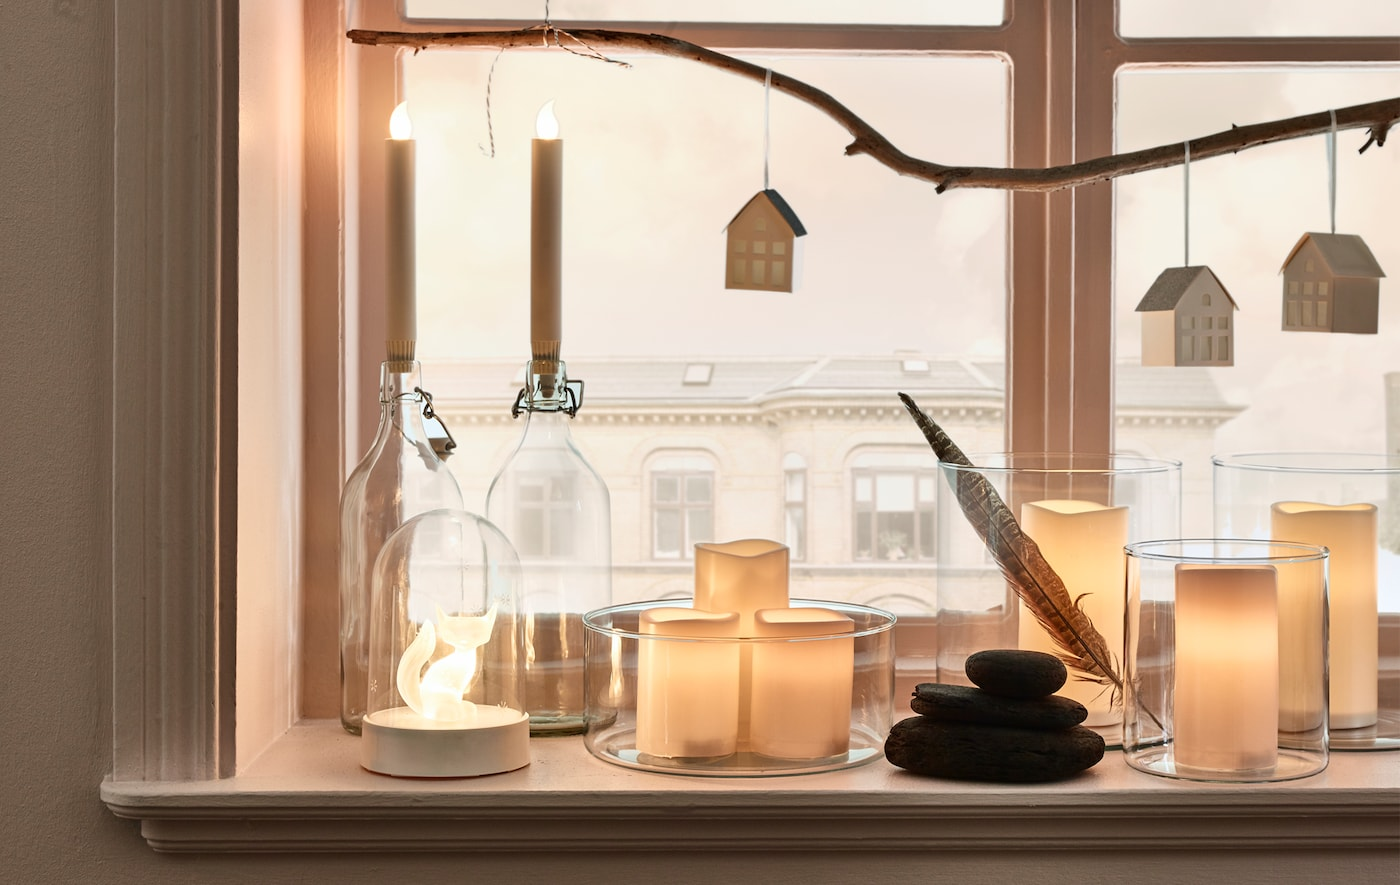 Colección de velas LED con batería LJUSANDE y velas grandes LED GODAFTON en floreros de cristal al lado de una ventana.